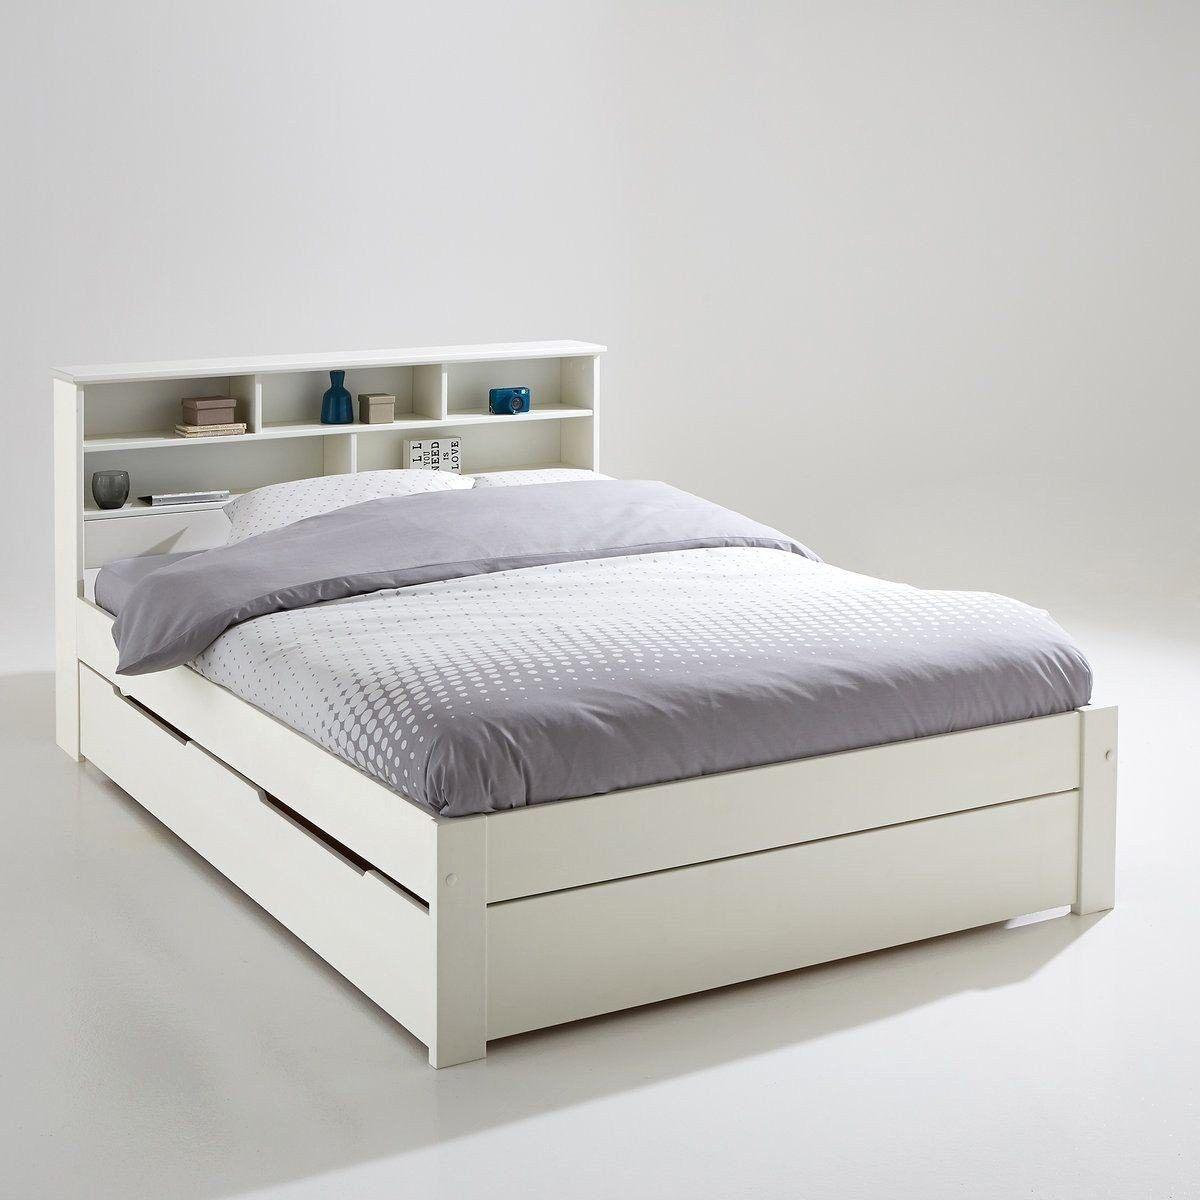 Lit Avec Tete De Lit Rangement Magnifique Tete De Lit Blanc 160 Cm Beau S Tete De Lit Ikea 180 Fauteuil